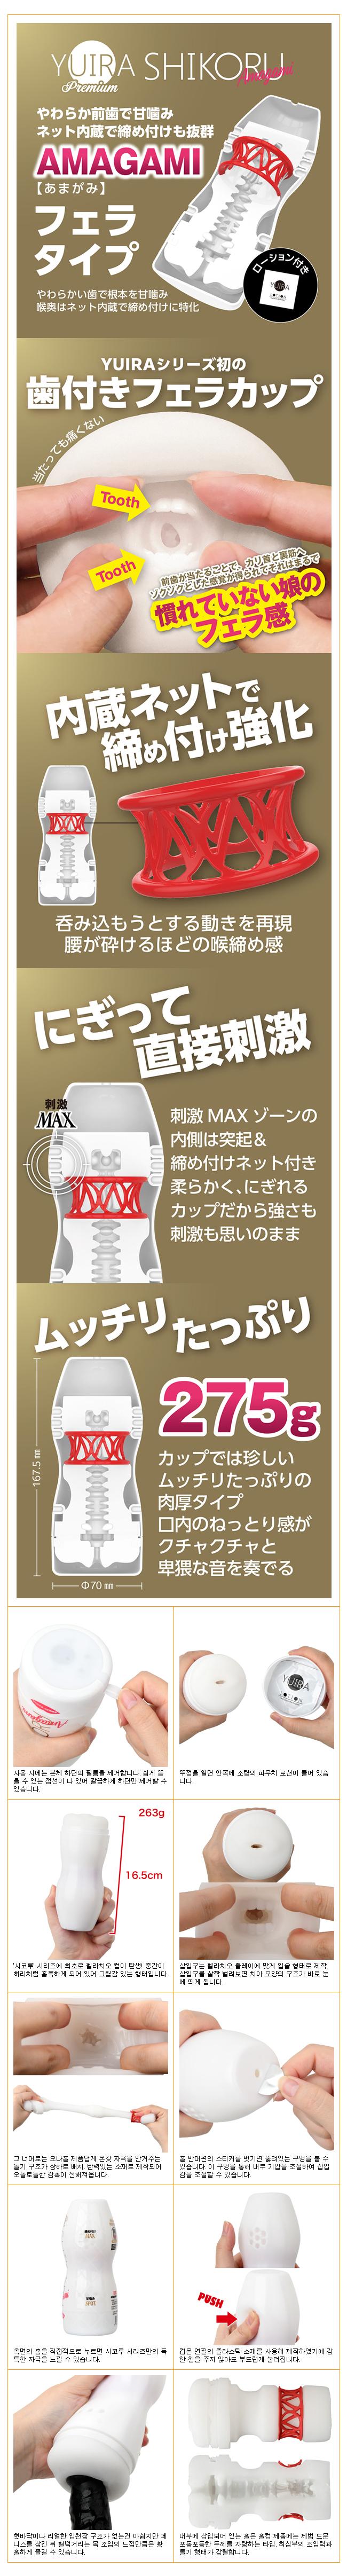 [일본 직수입] 유이라 시코루 프리미엄 아마가미(YUIRA SHIKORU Premium Amagami)